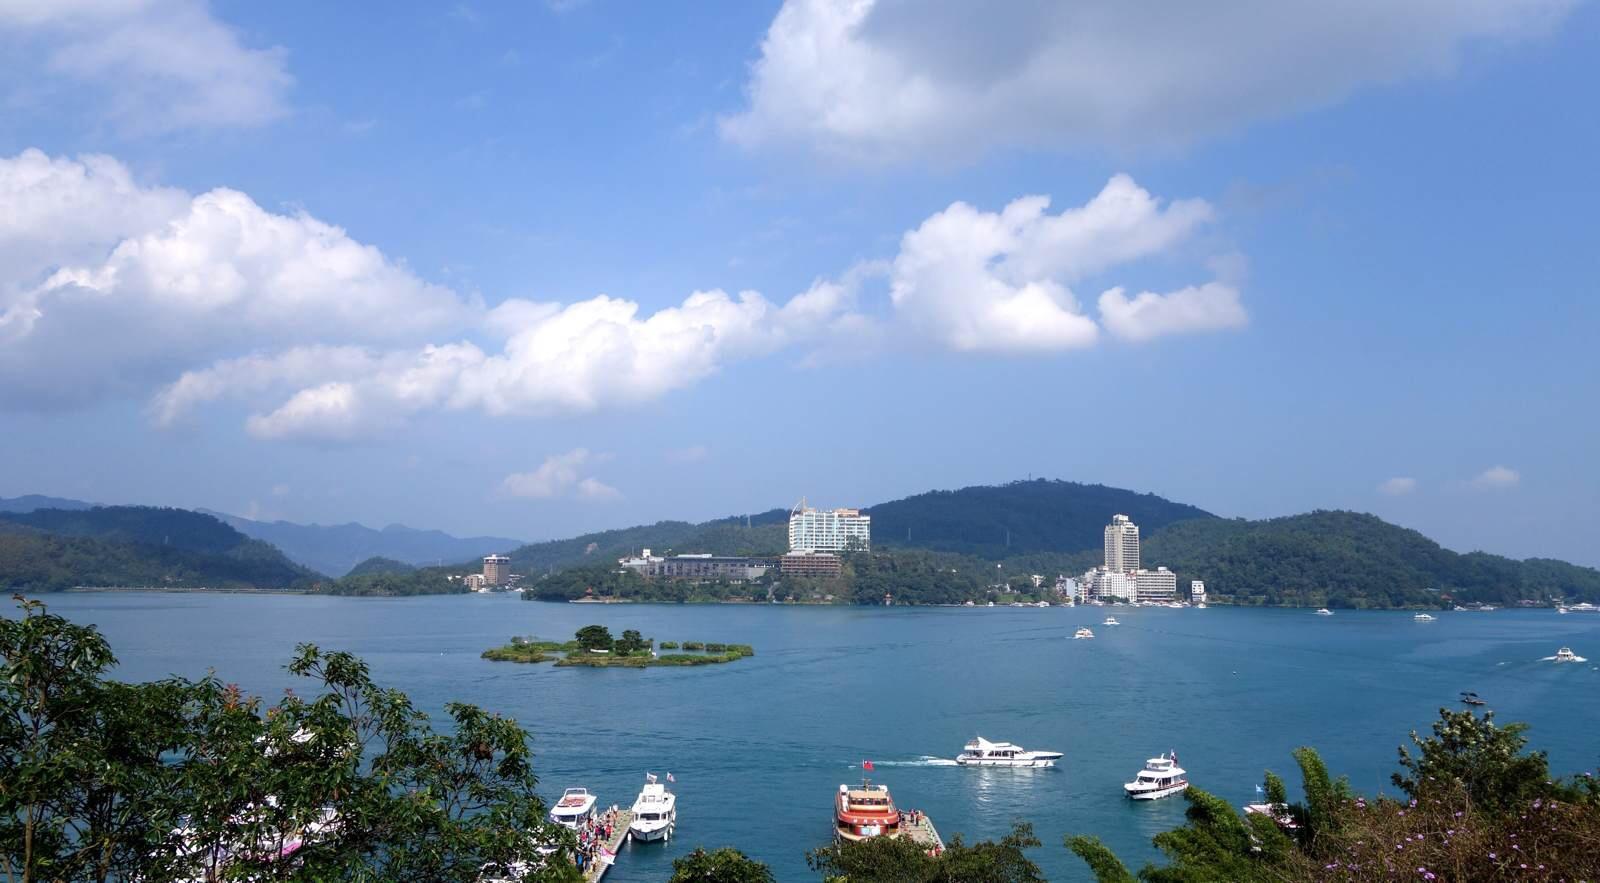 日月潭,这个打小就从小学课本上了解到的台湾风景名胜,故事大陆必去稿v从小小学生游客图片